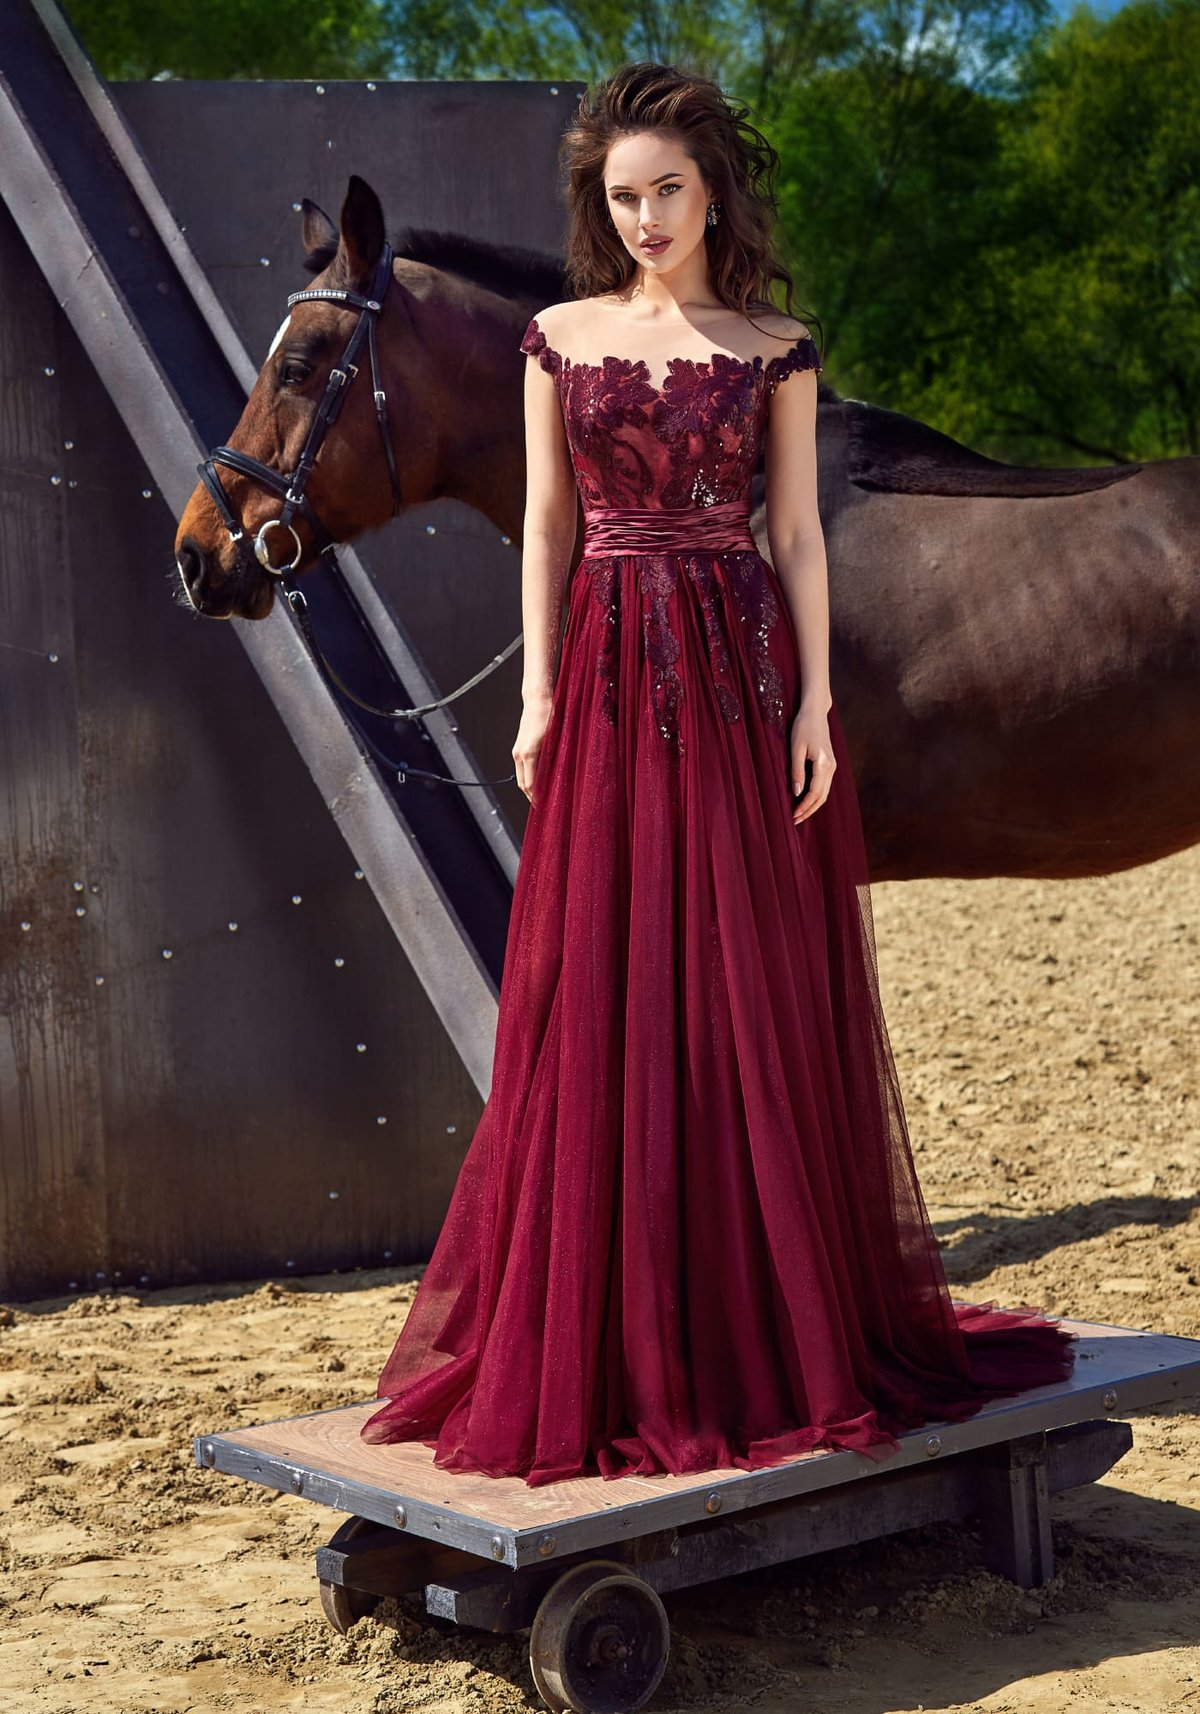 b37a41a53117 Бордовое платье  100 модных новинок, тенденций и трендов на фото